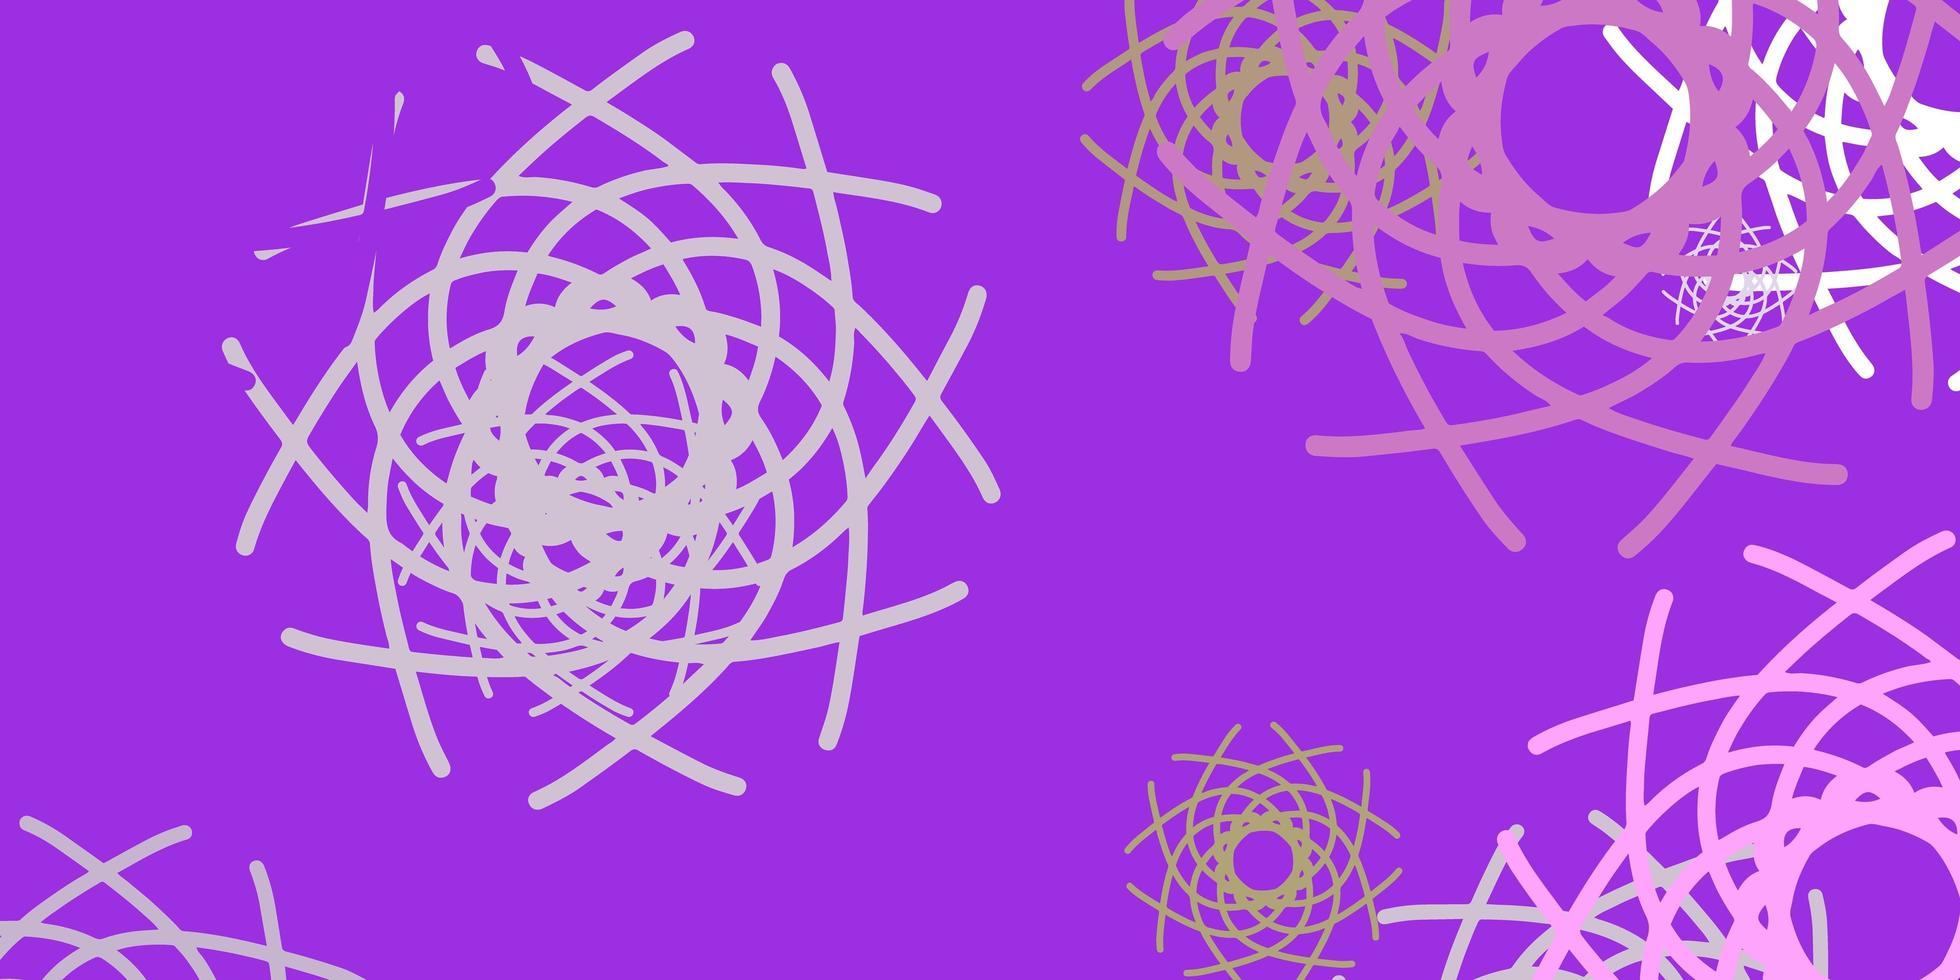 ljusrosa, grön vektorbakgrund med slumpmässiga former. vektor